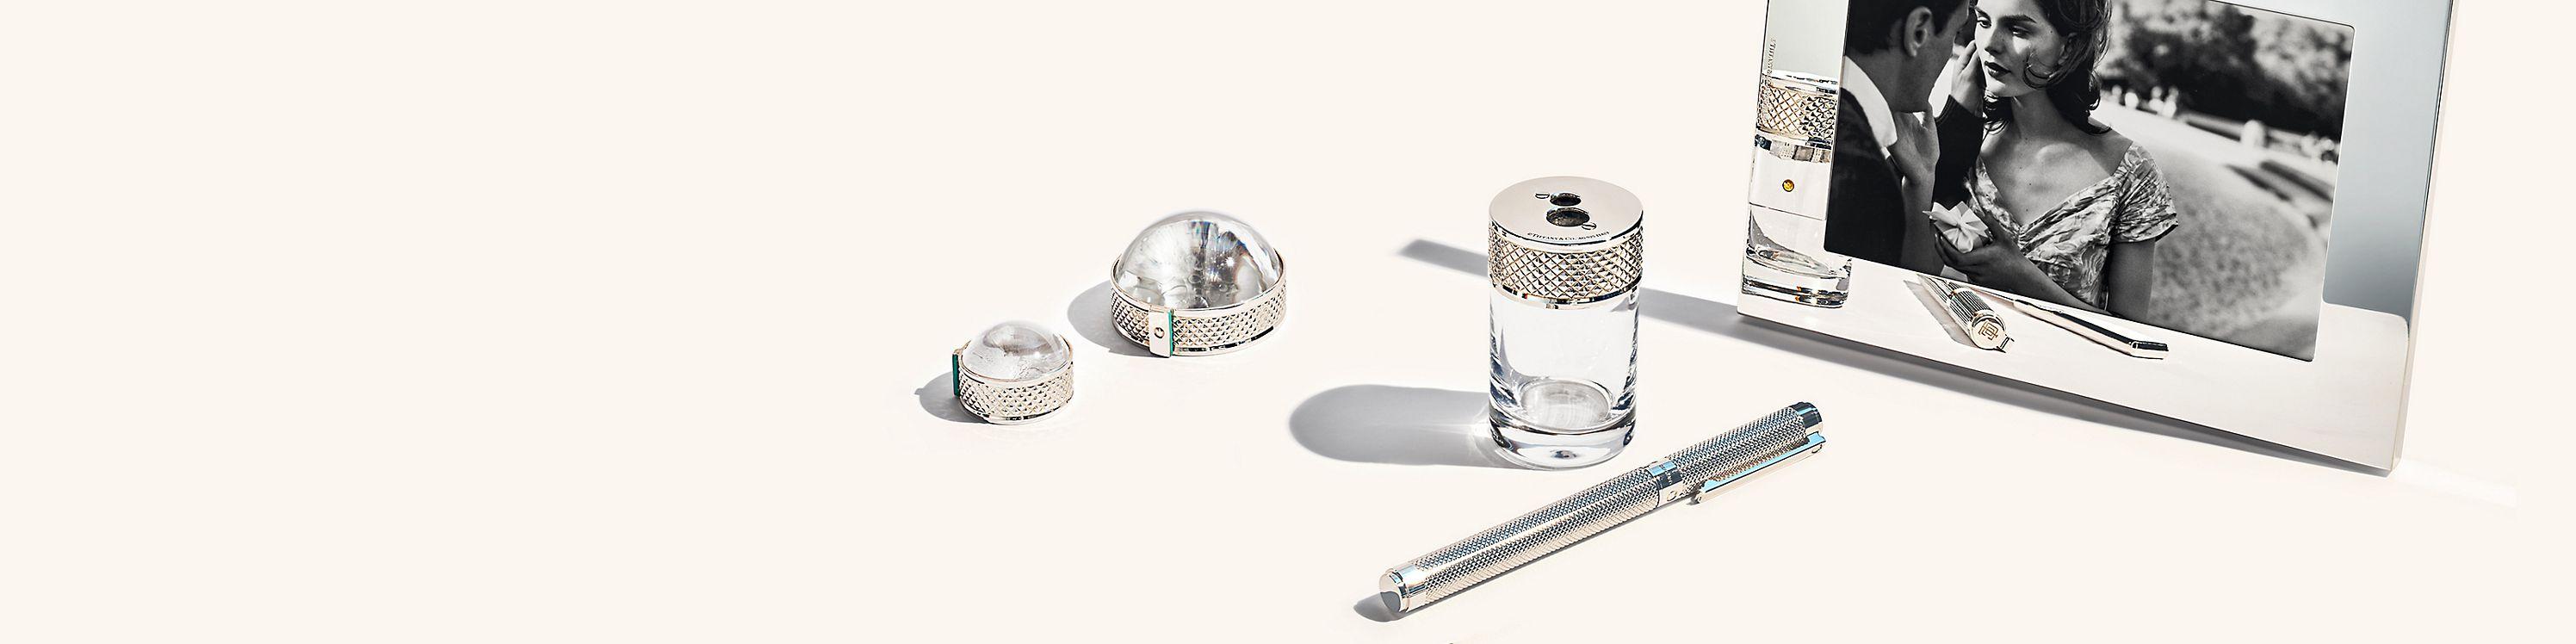 Tiffany & Co. Desk Accessories